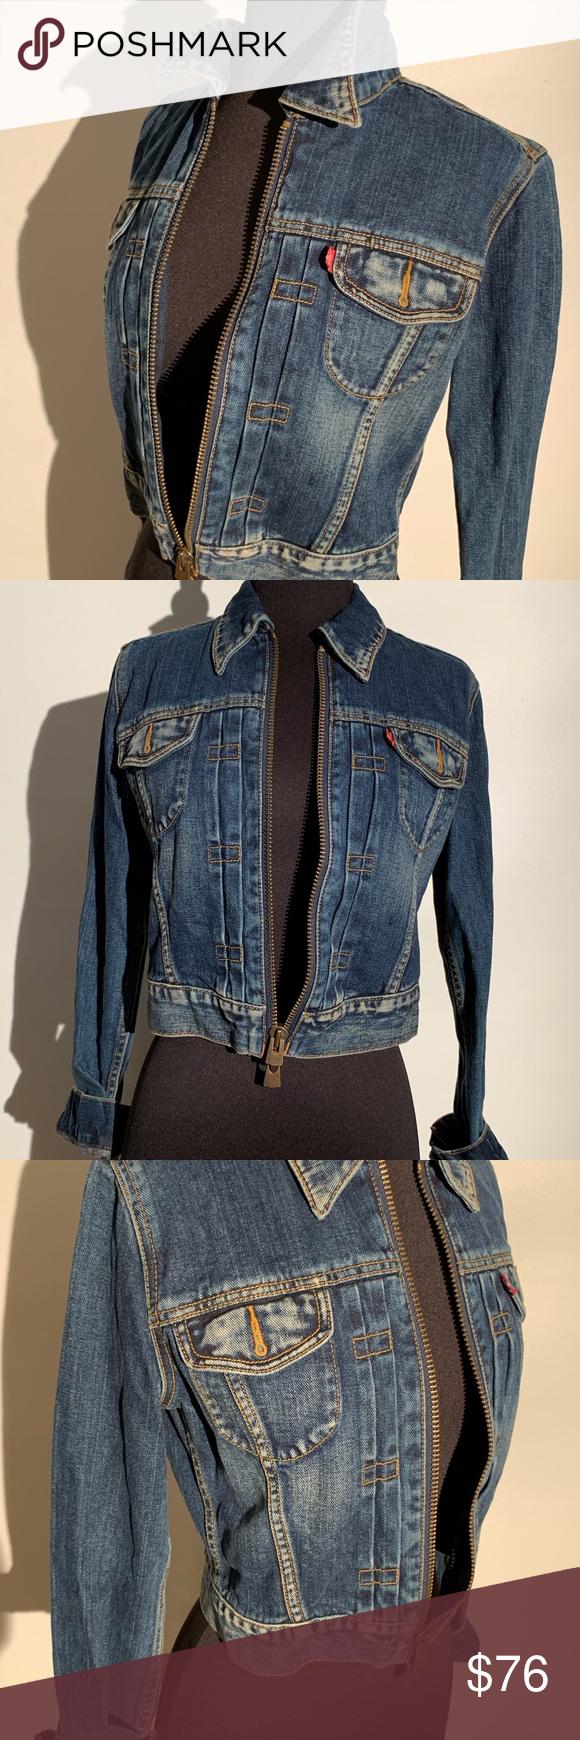 Vintage Levi S Denim Jacket Denim Jacket Vintage Jean Jacket Jackets [ 1740 x 580 Pixel ]